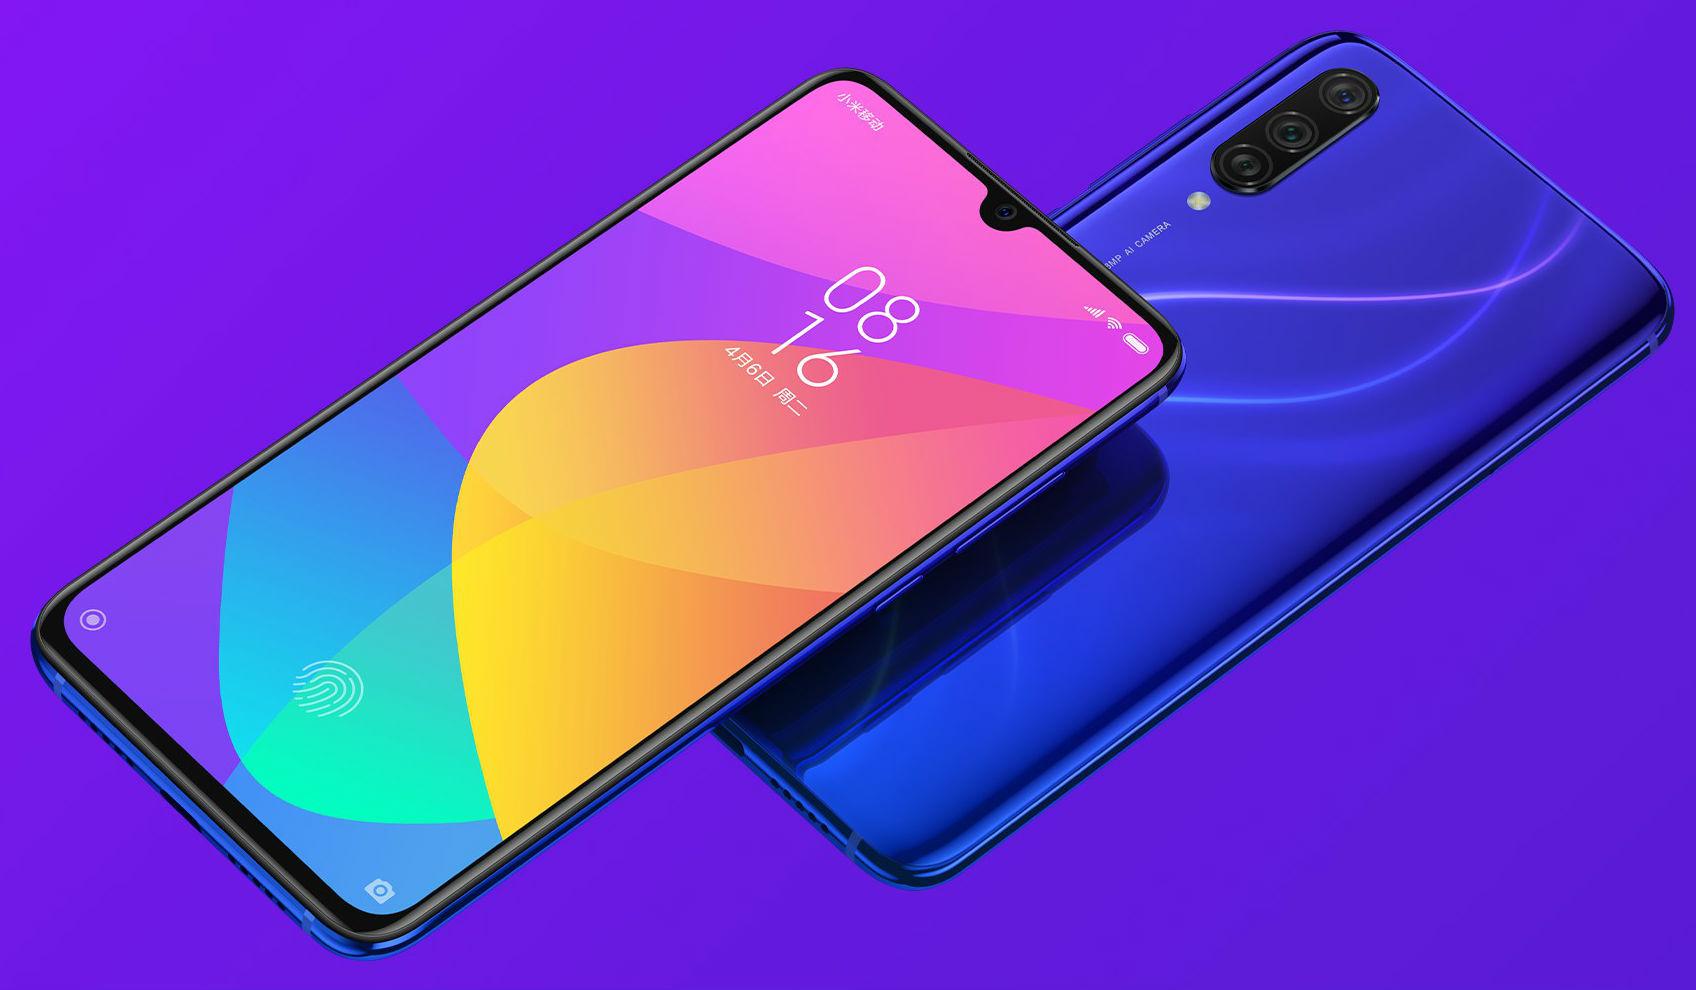 Завтра Xiaomi презентует новый смартфон: как он будет выглядеть